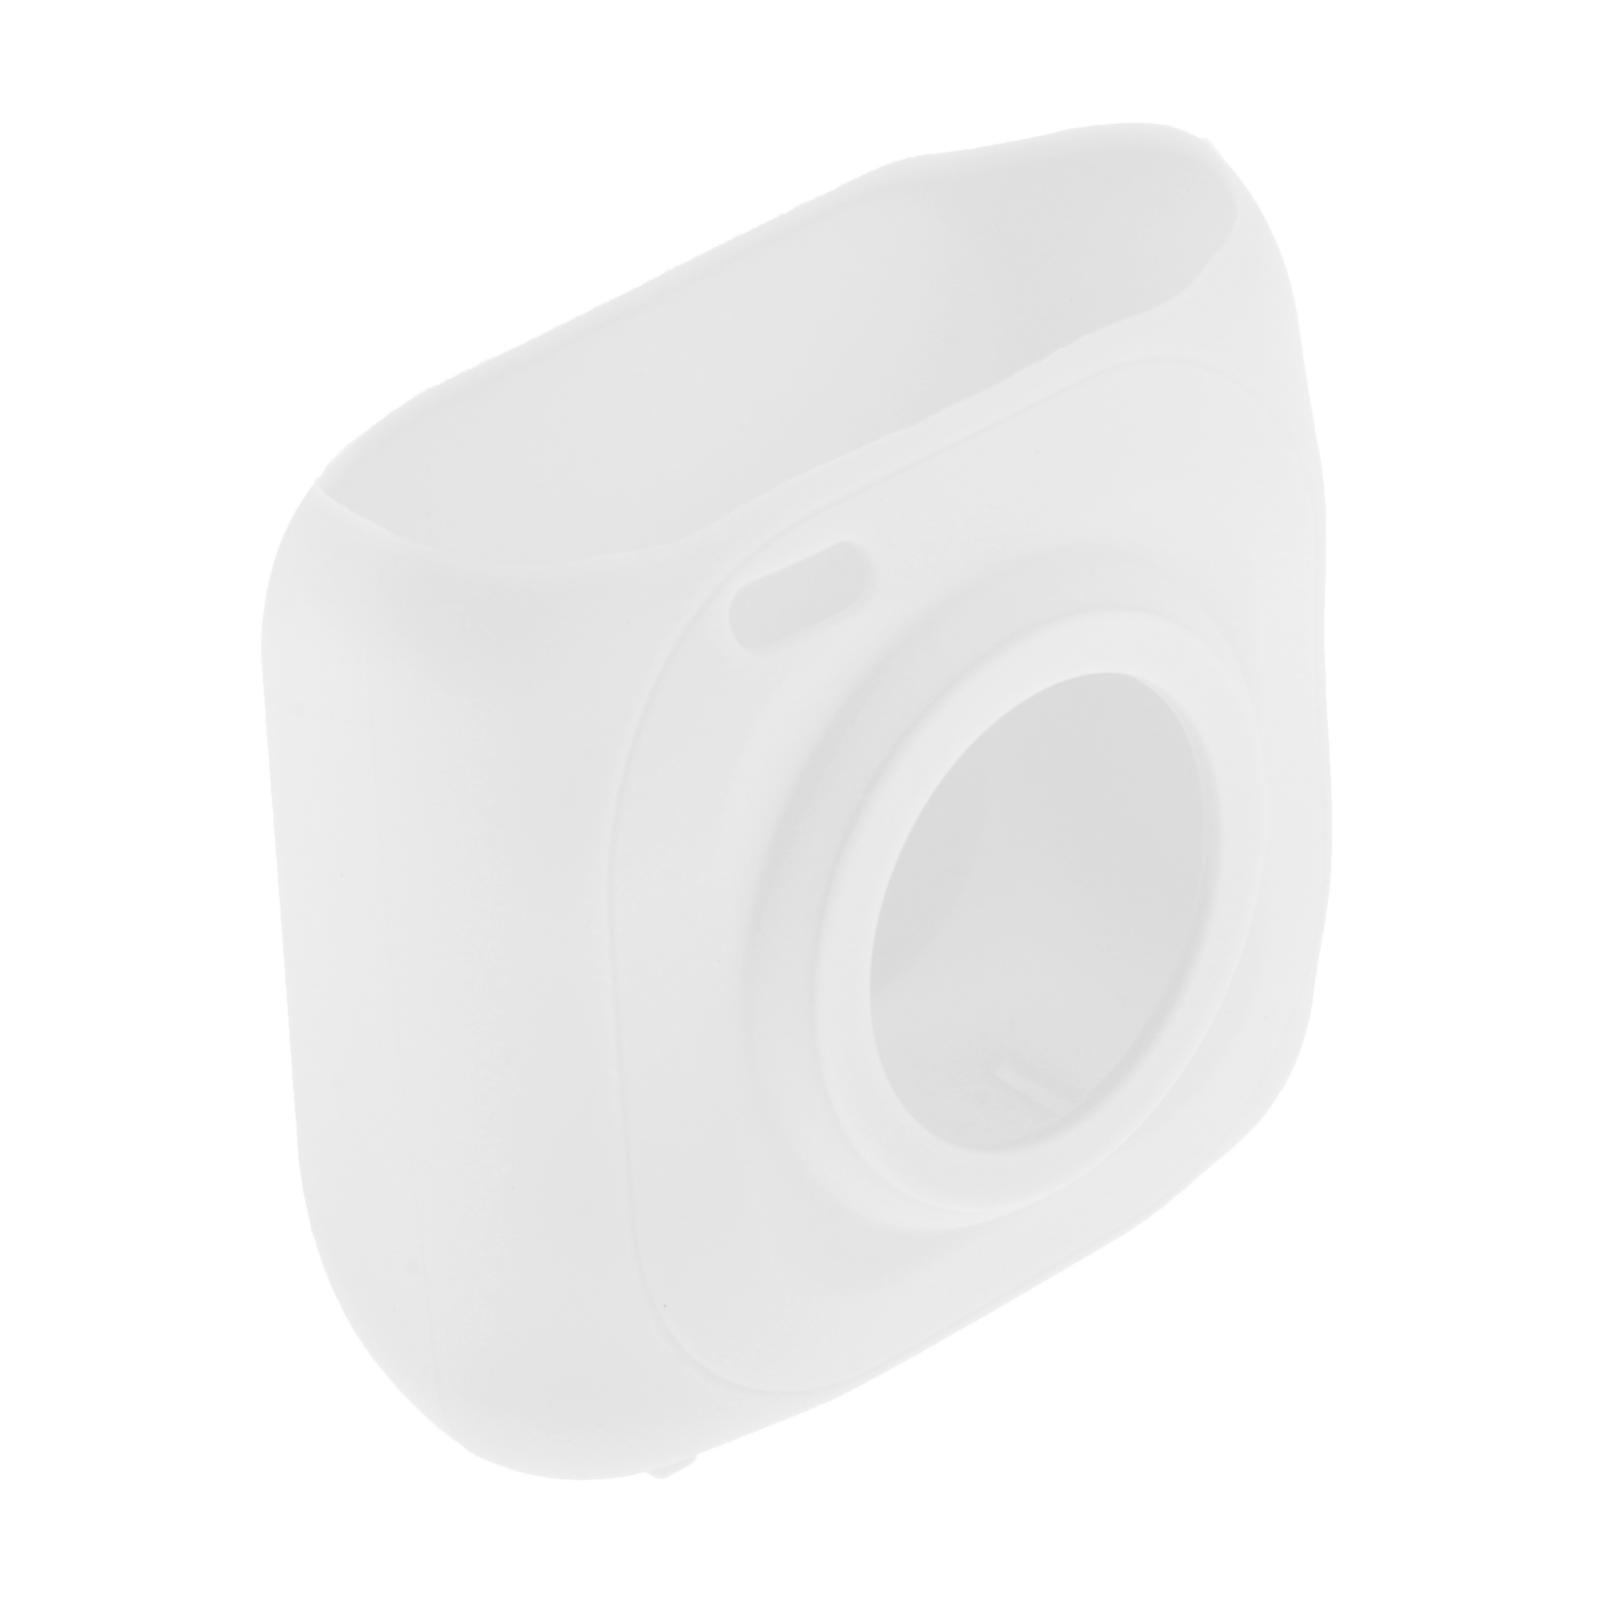 miniature 22 - Ultra-Mince Portable Imprimante Thermique Protecteur Voyage Shell Manches De